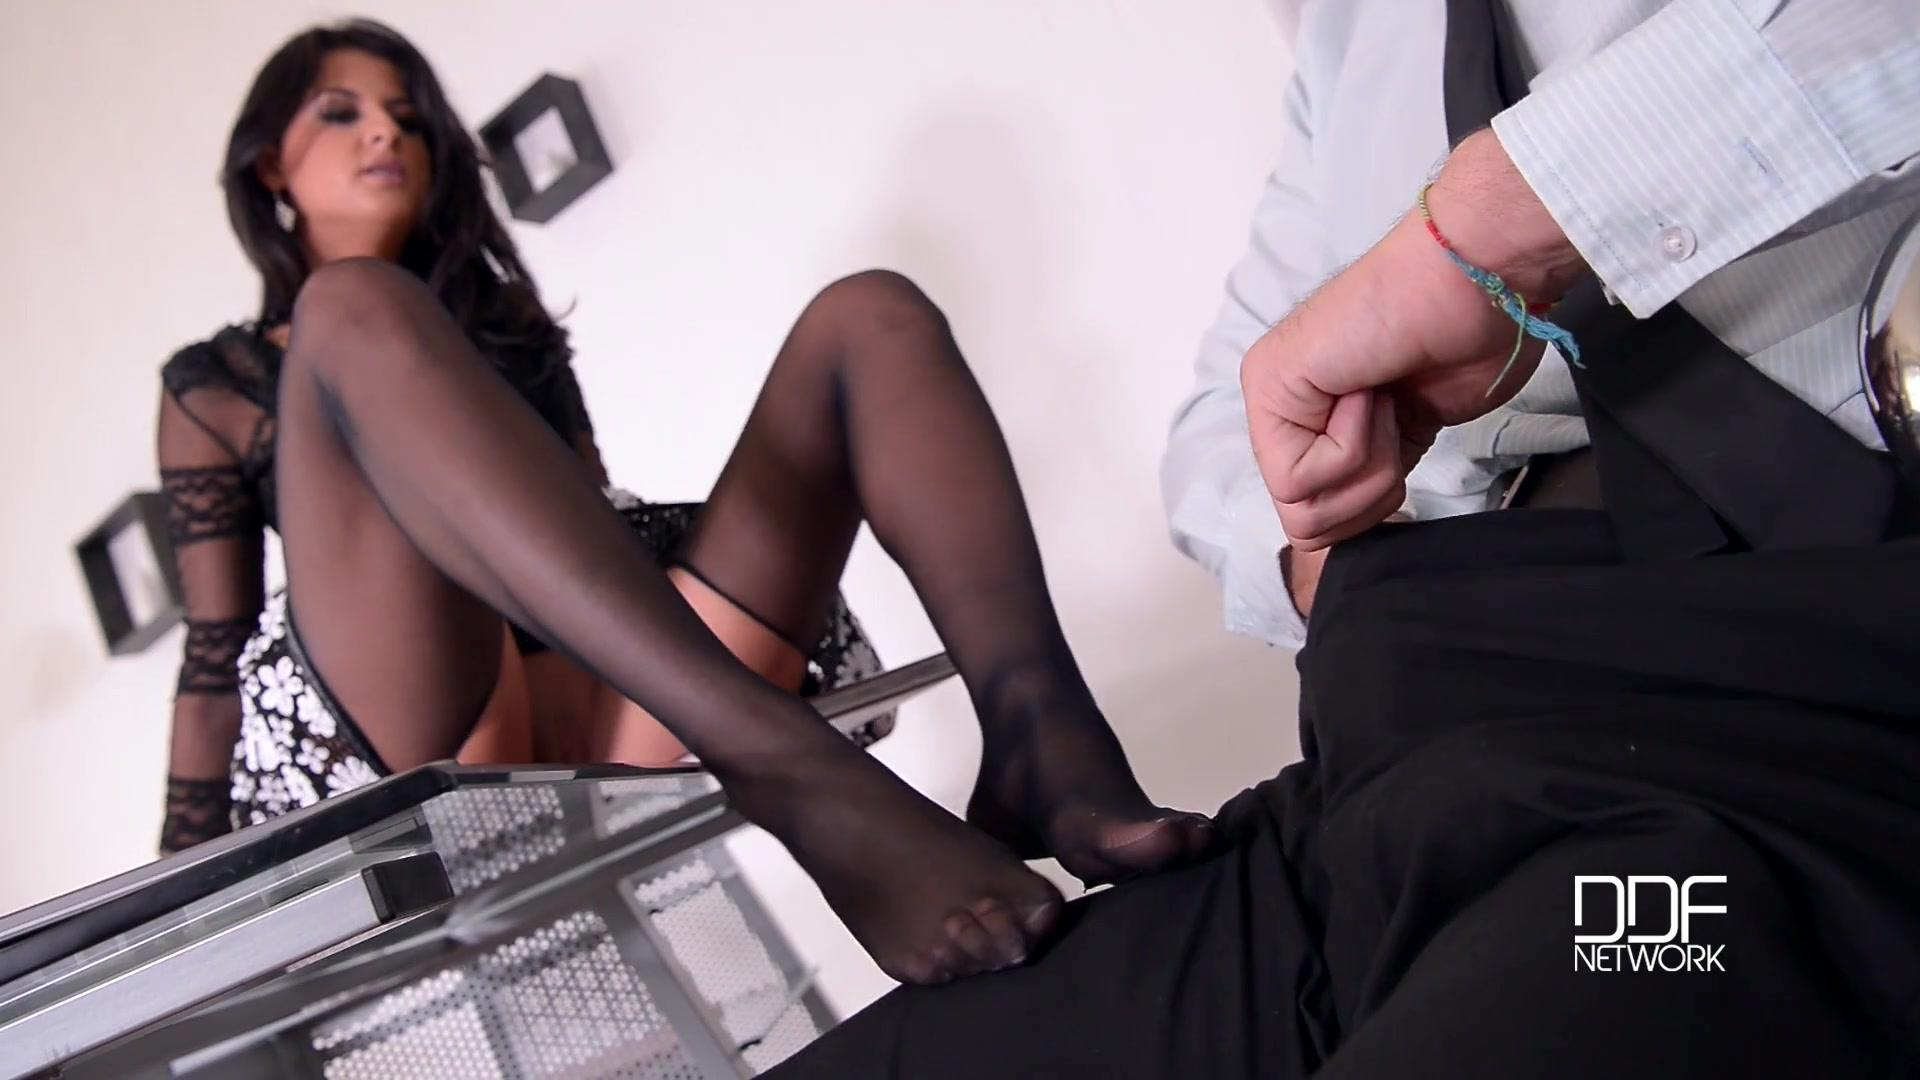 Coco De Mal - 50 Videos On Yourporn Sexy - Yps Porn-6060